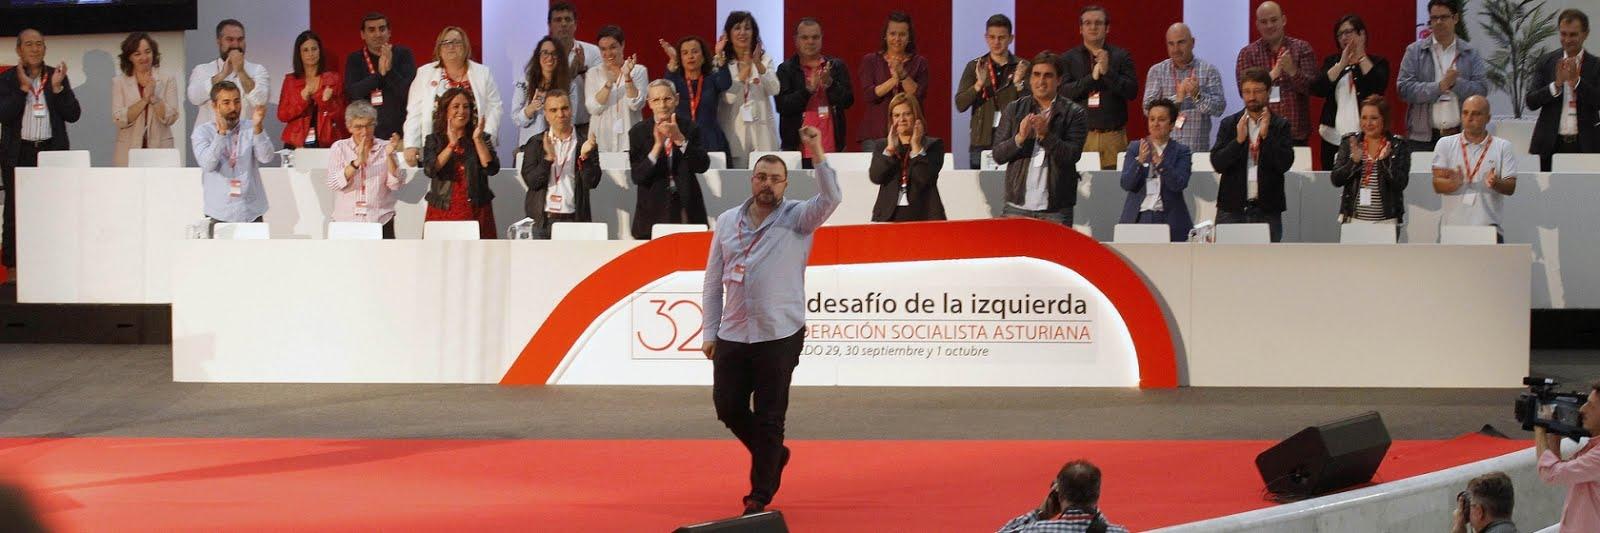 Intervención de Adrián Barbón al ganar las elecciones primarias